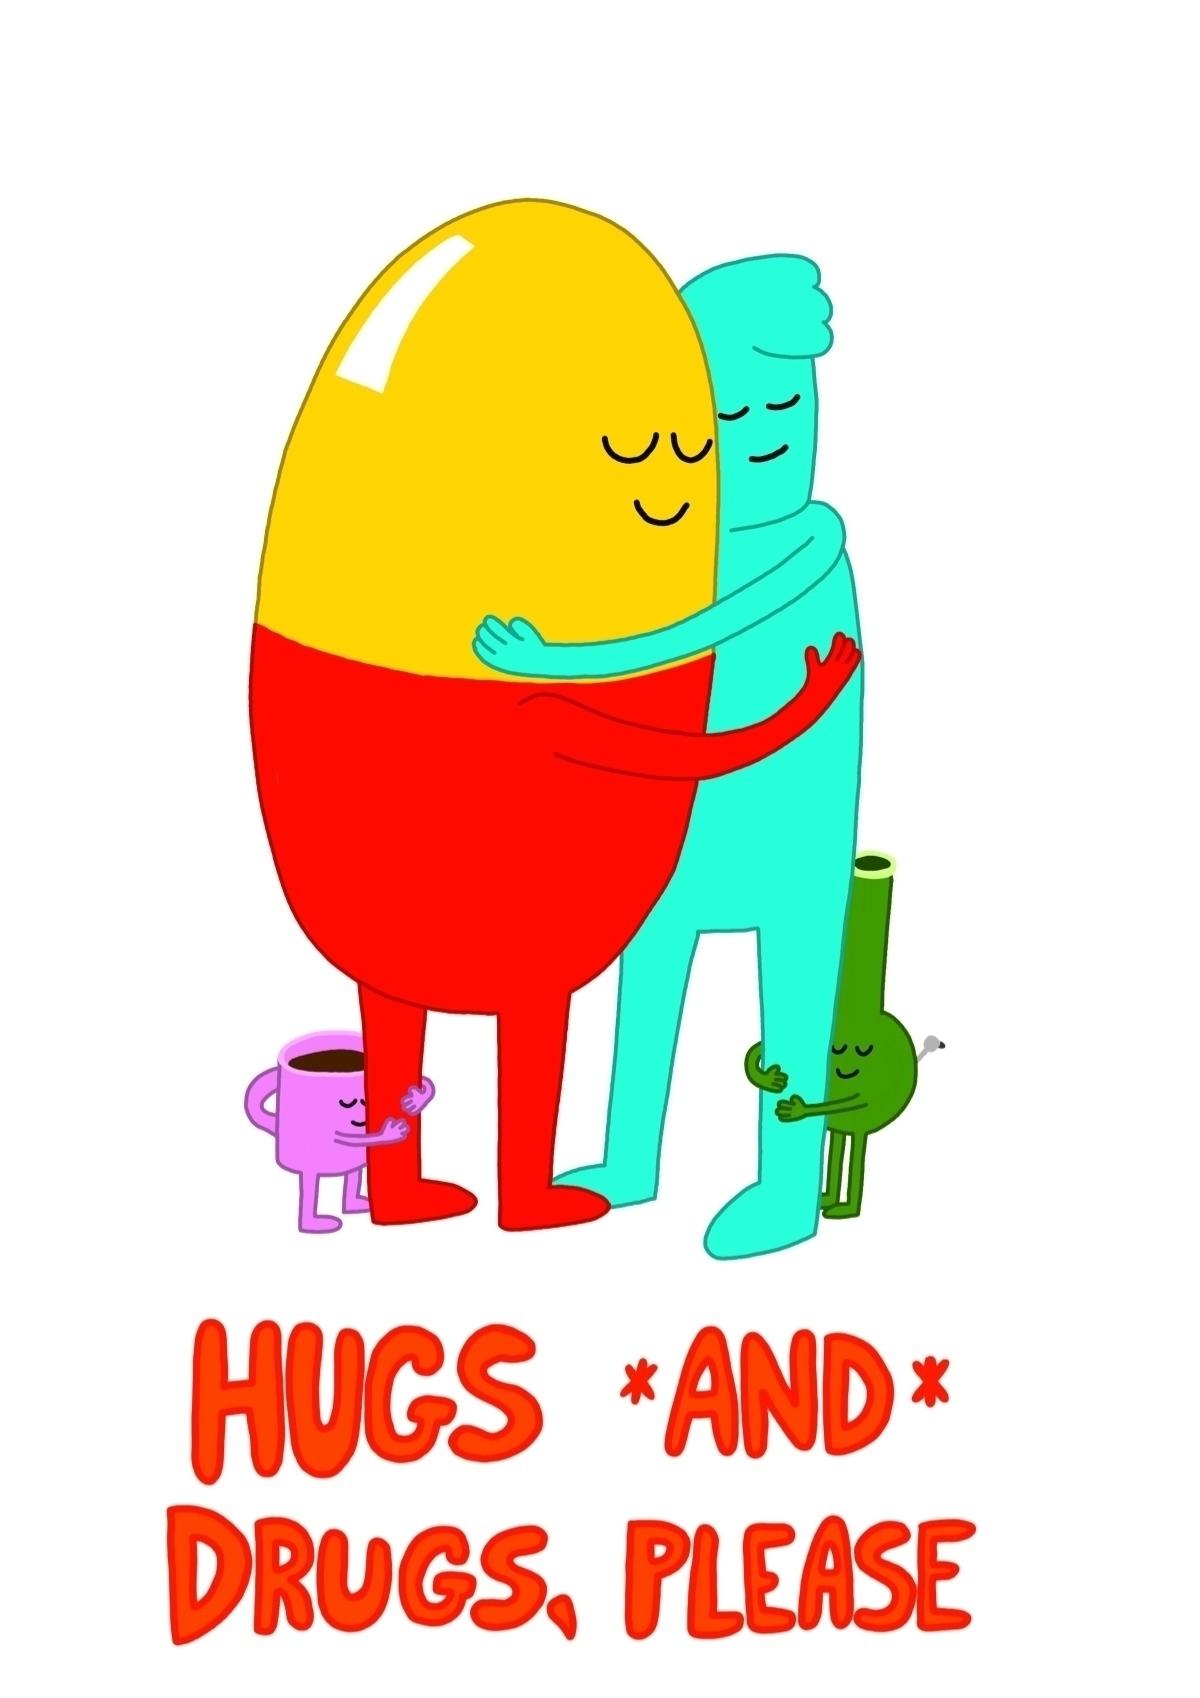 Hugs drugs, design products Zaz - granolafication   ello